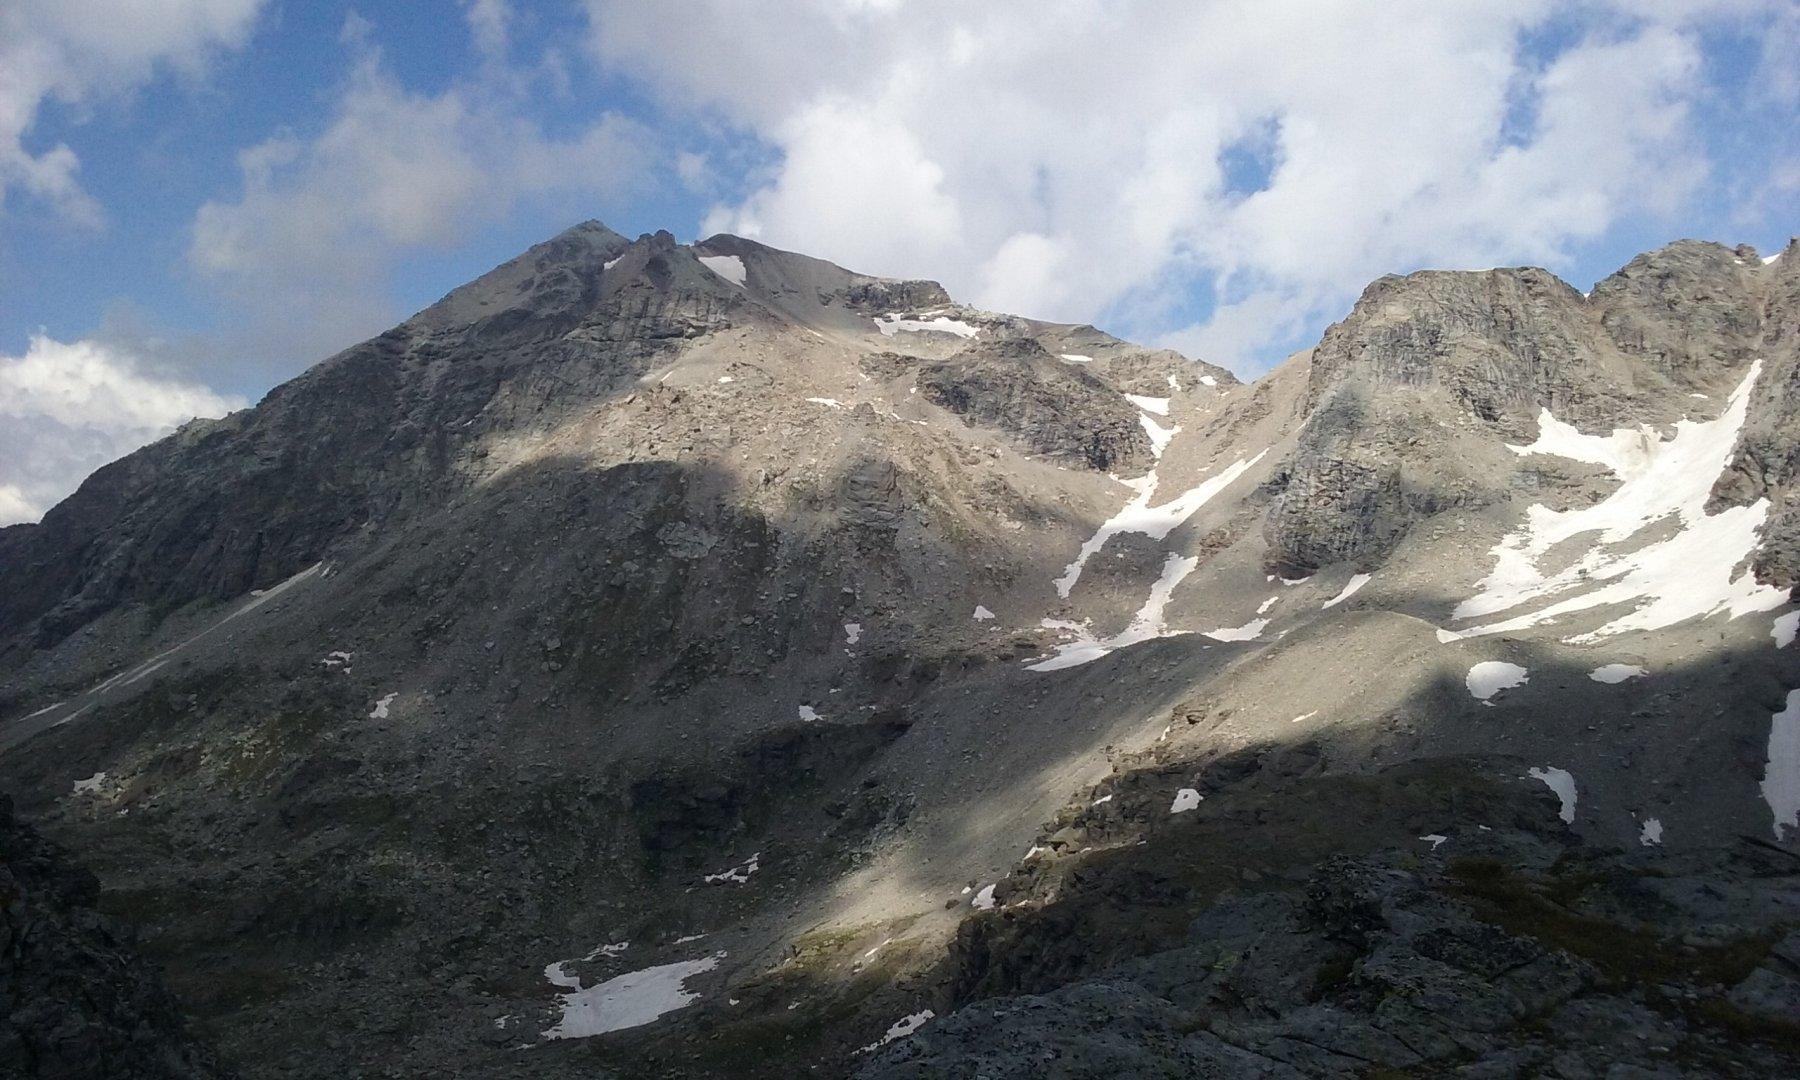 La Rocca salendo al Colle d'Ambin